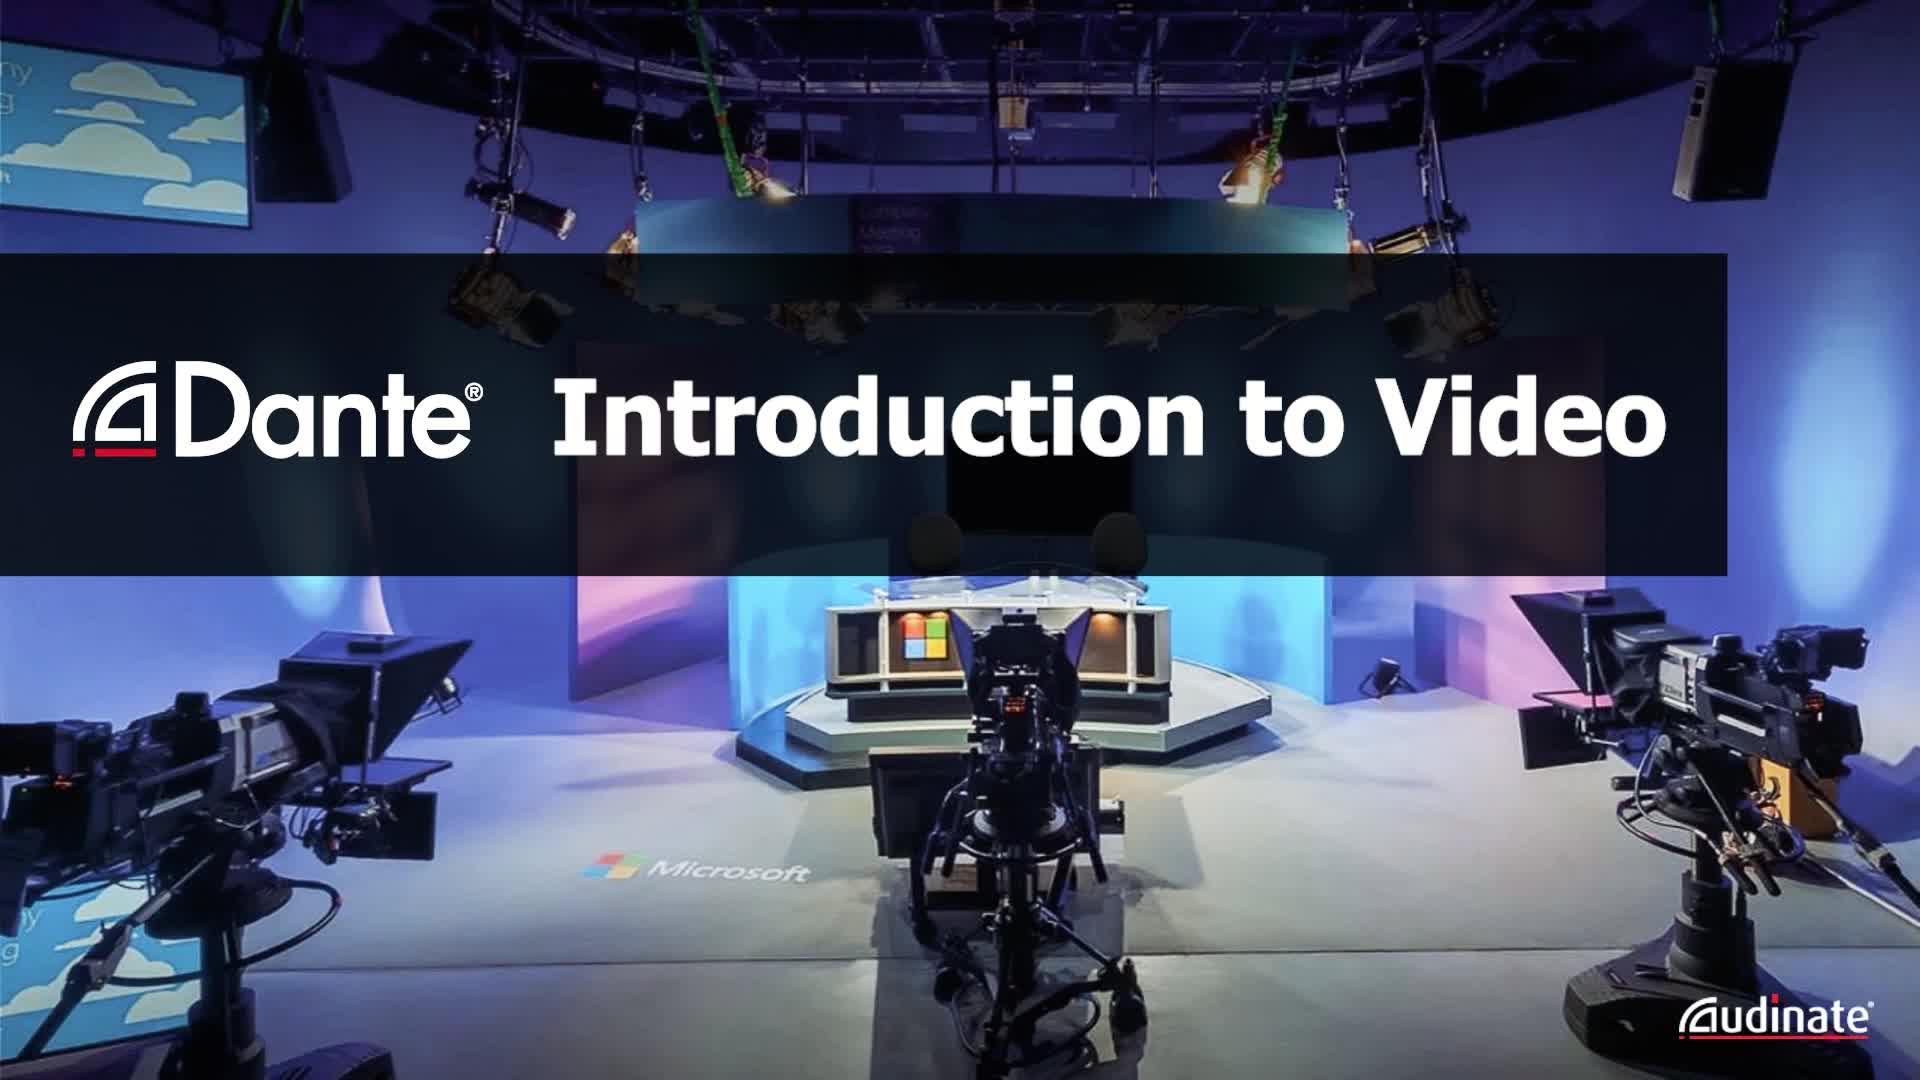 Dante AV: Intro to Video Technology